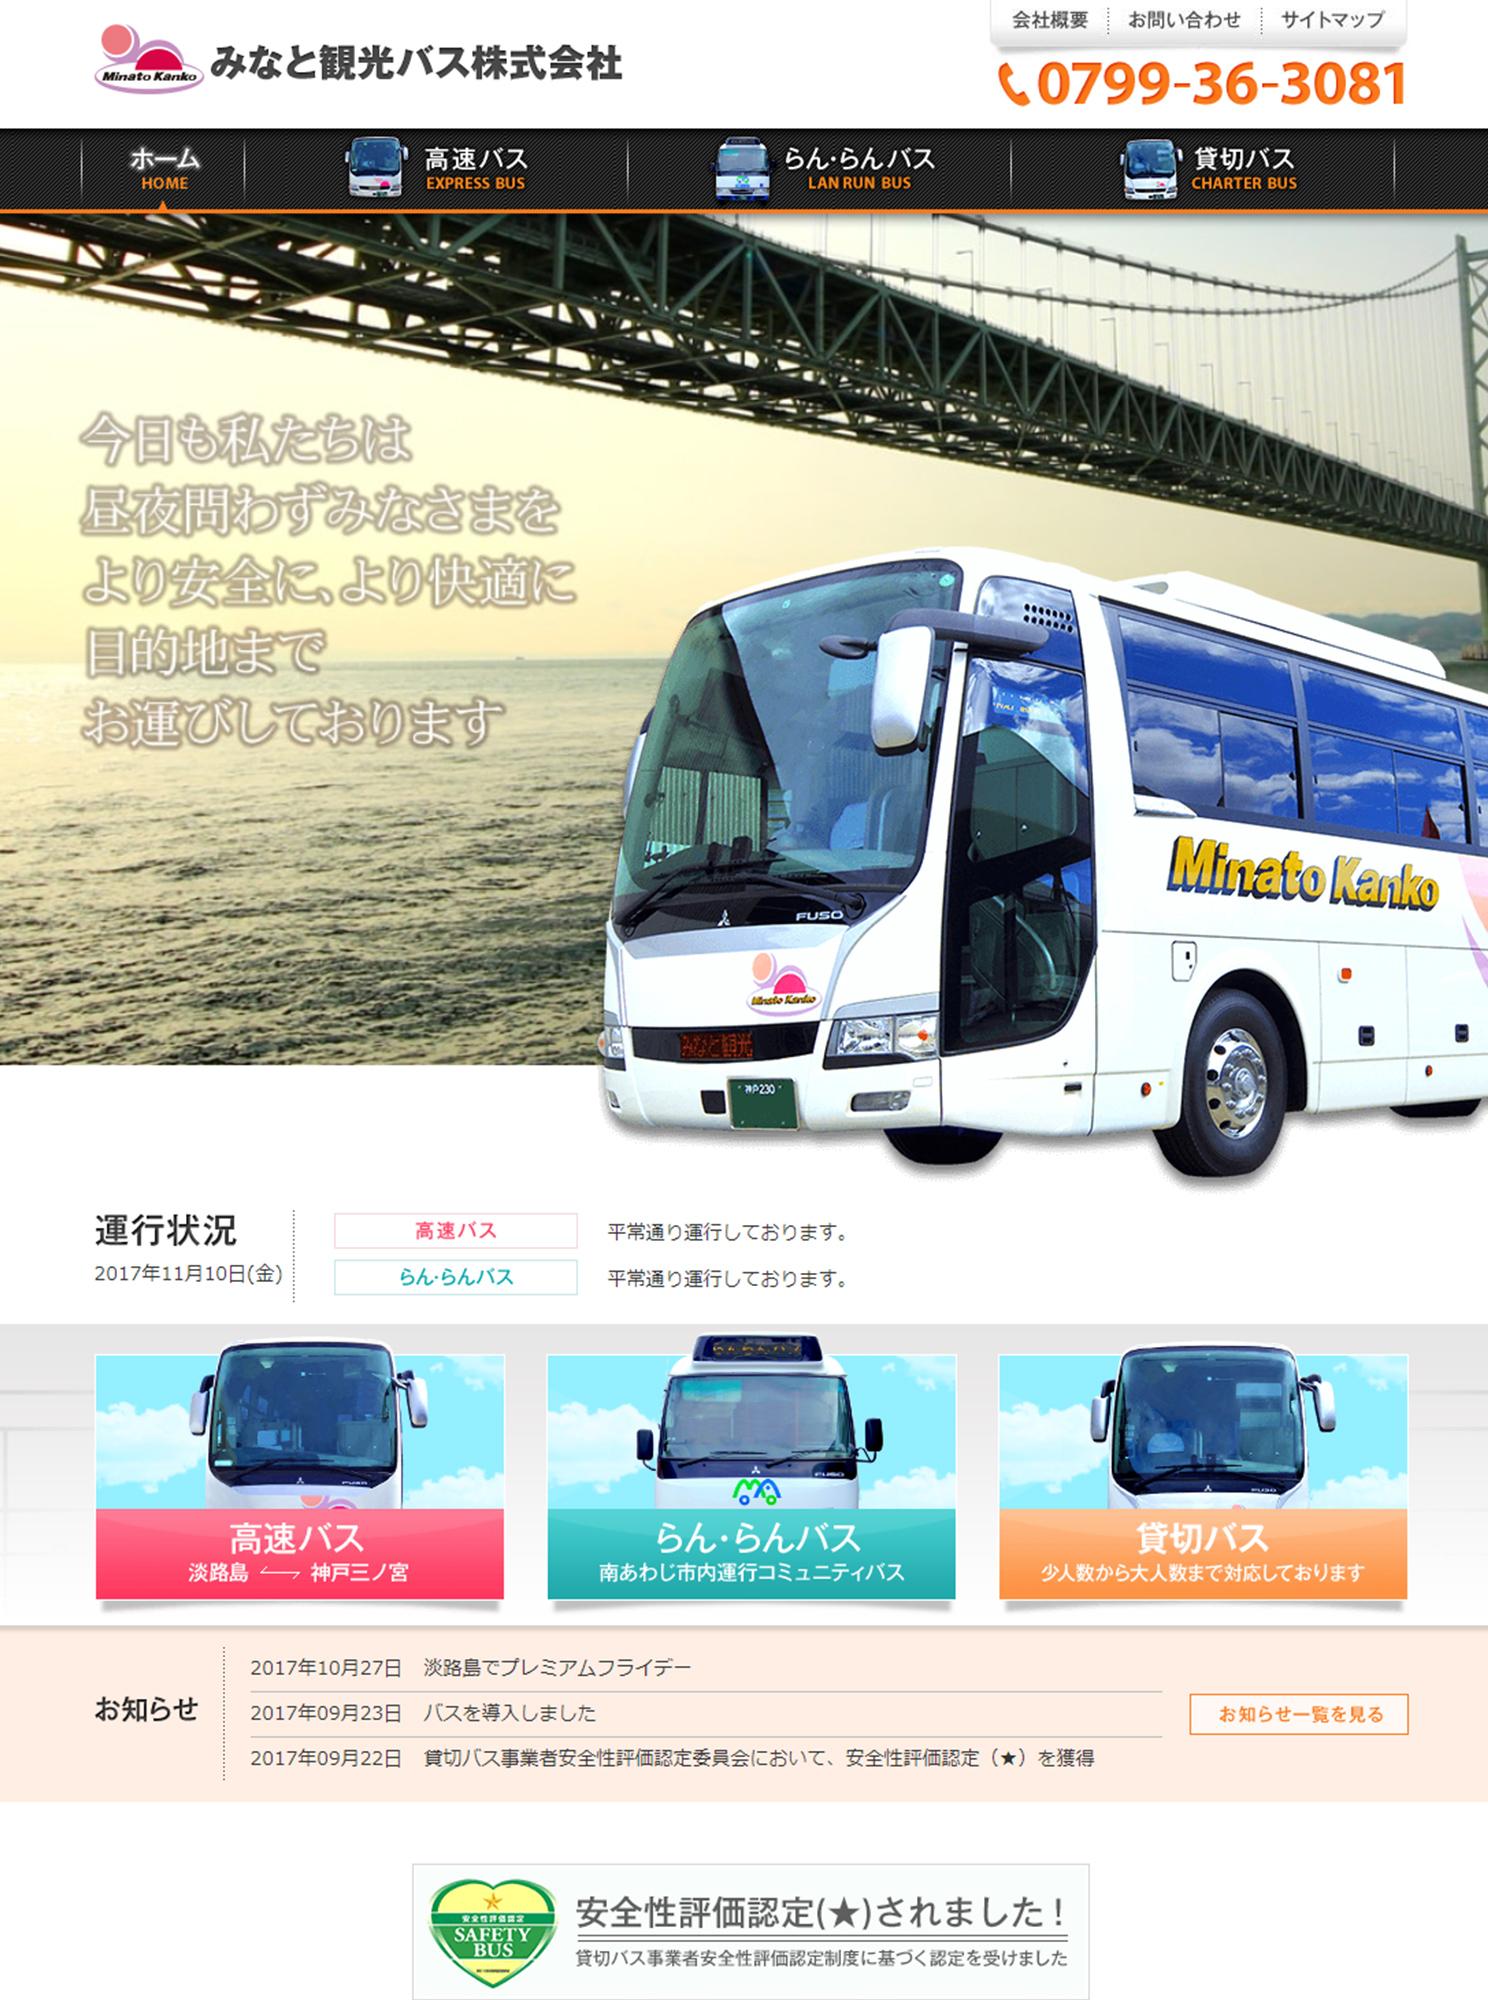 みなと観光バス様ホームページ制作